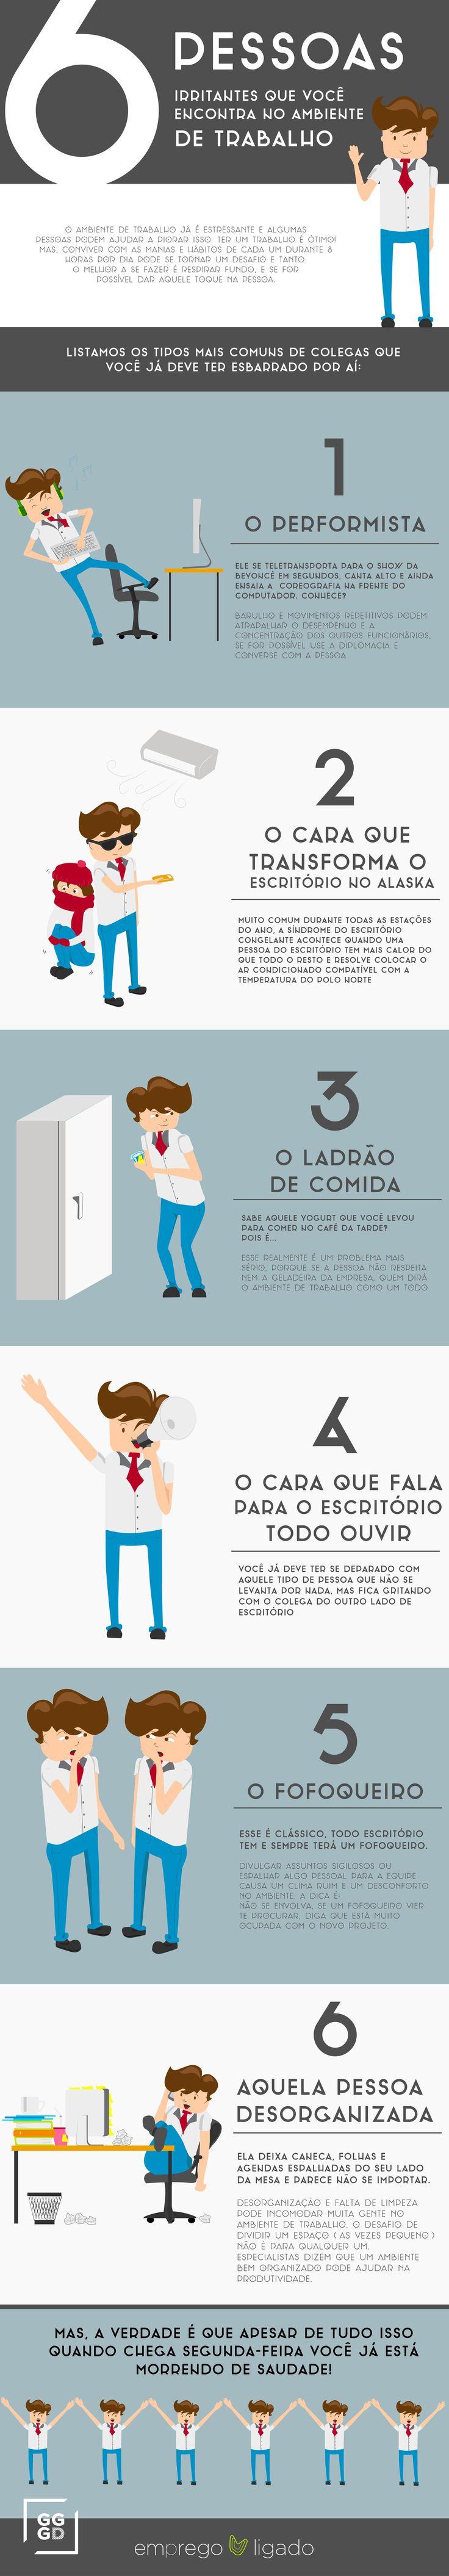 Infográfico - 6 pessoas irritantes que você encontra no ambiente de trabalho | EMPREGO LIGADO - Ilustração  Infographic | Illustration